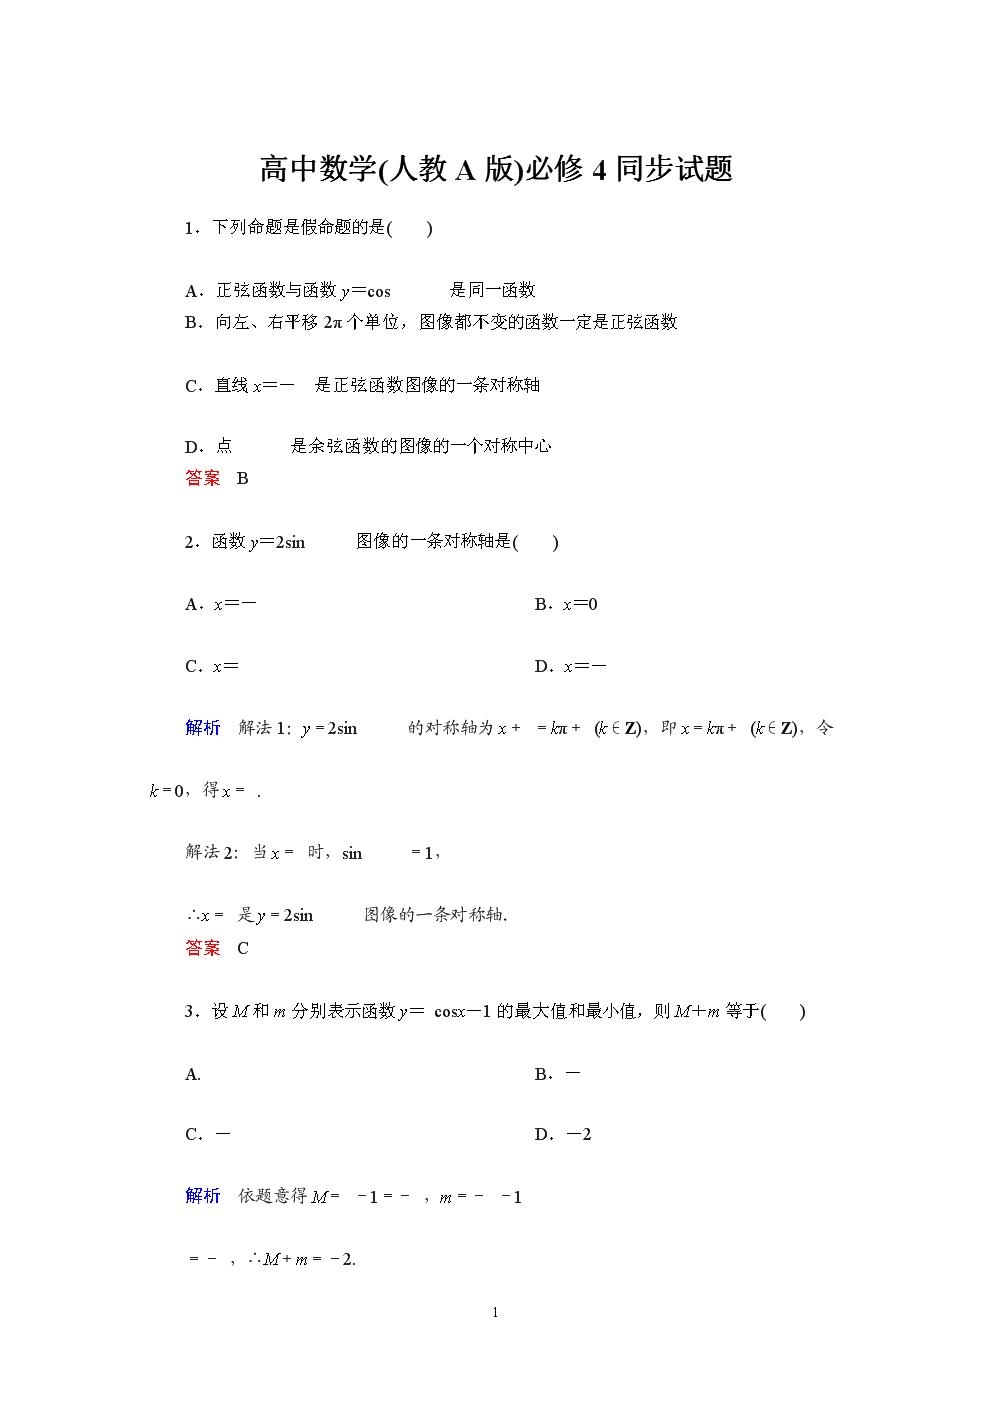 高中数学(人教A版)必修4:1-4-2-2同步试题(含详解).doc